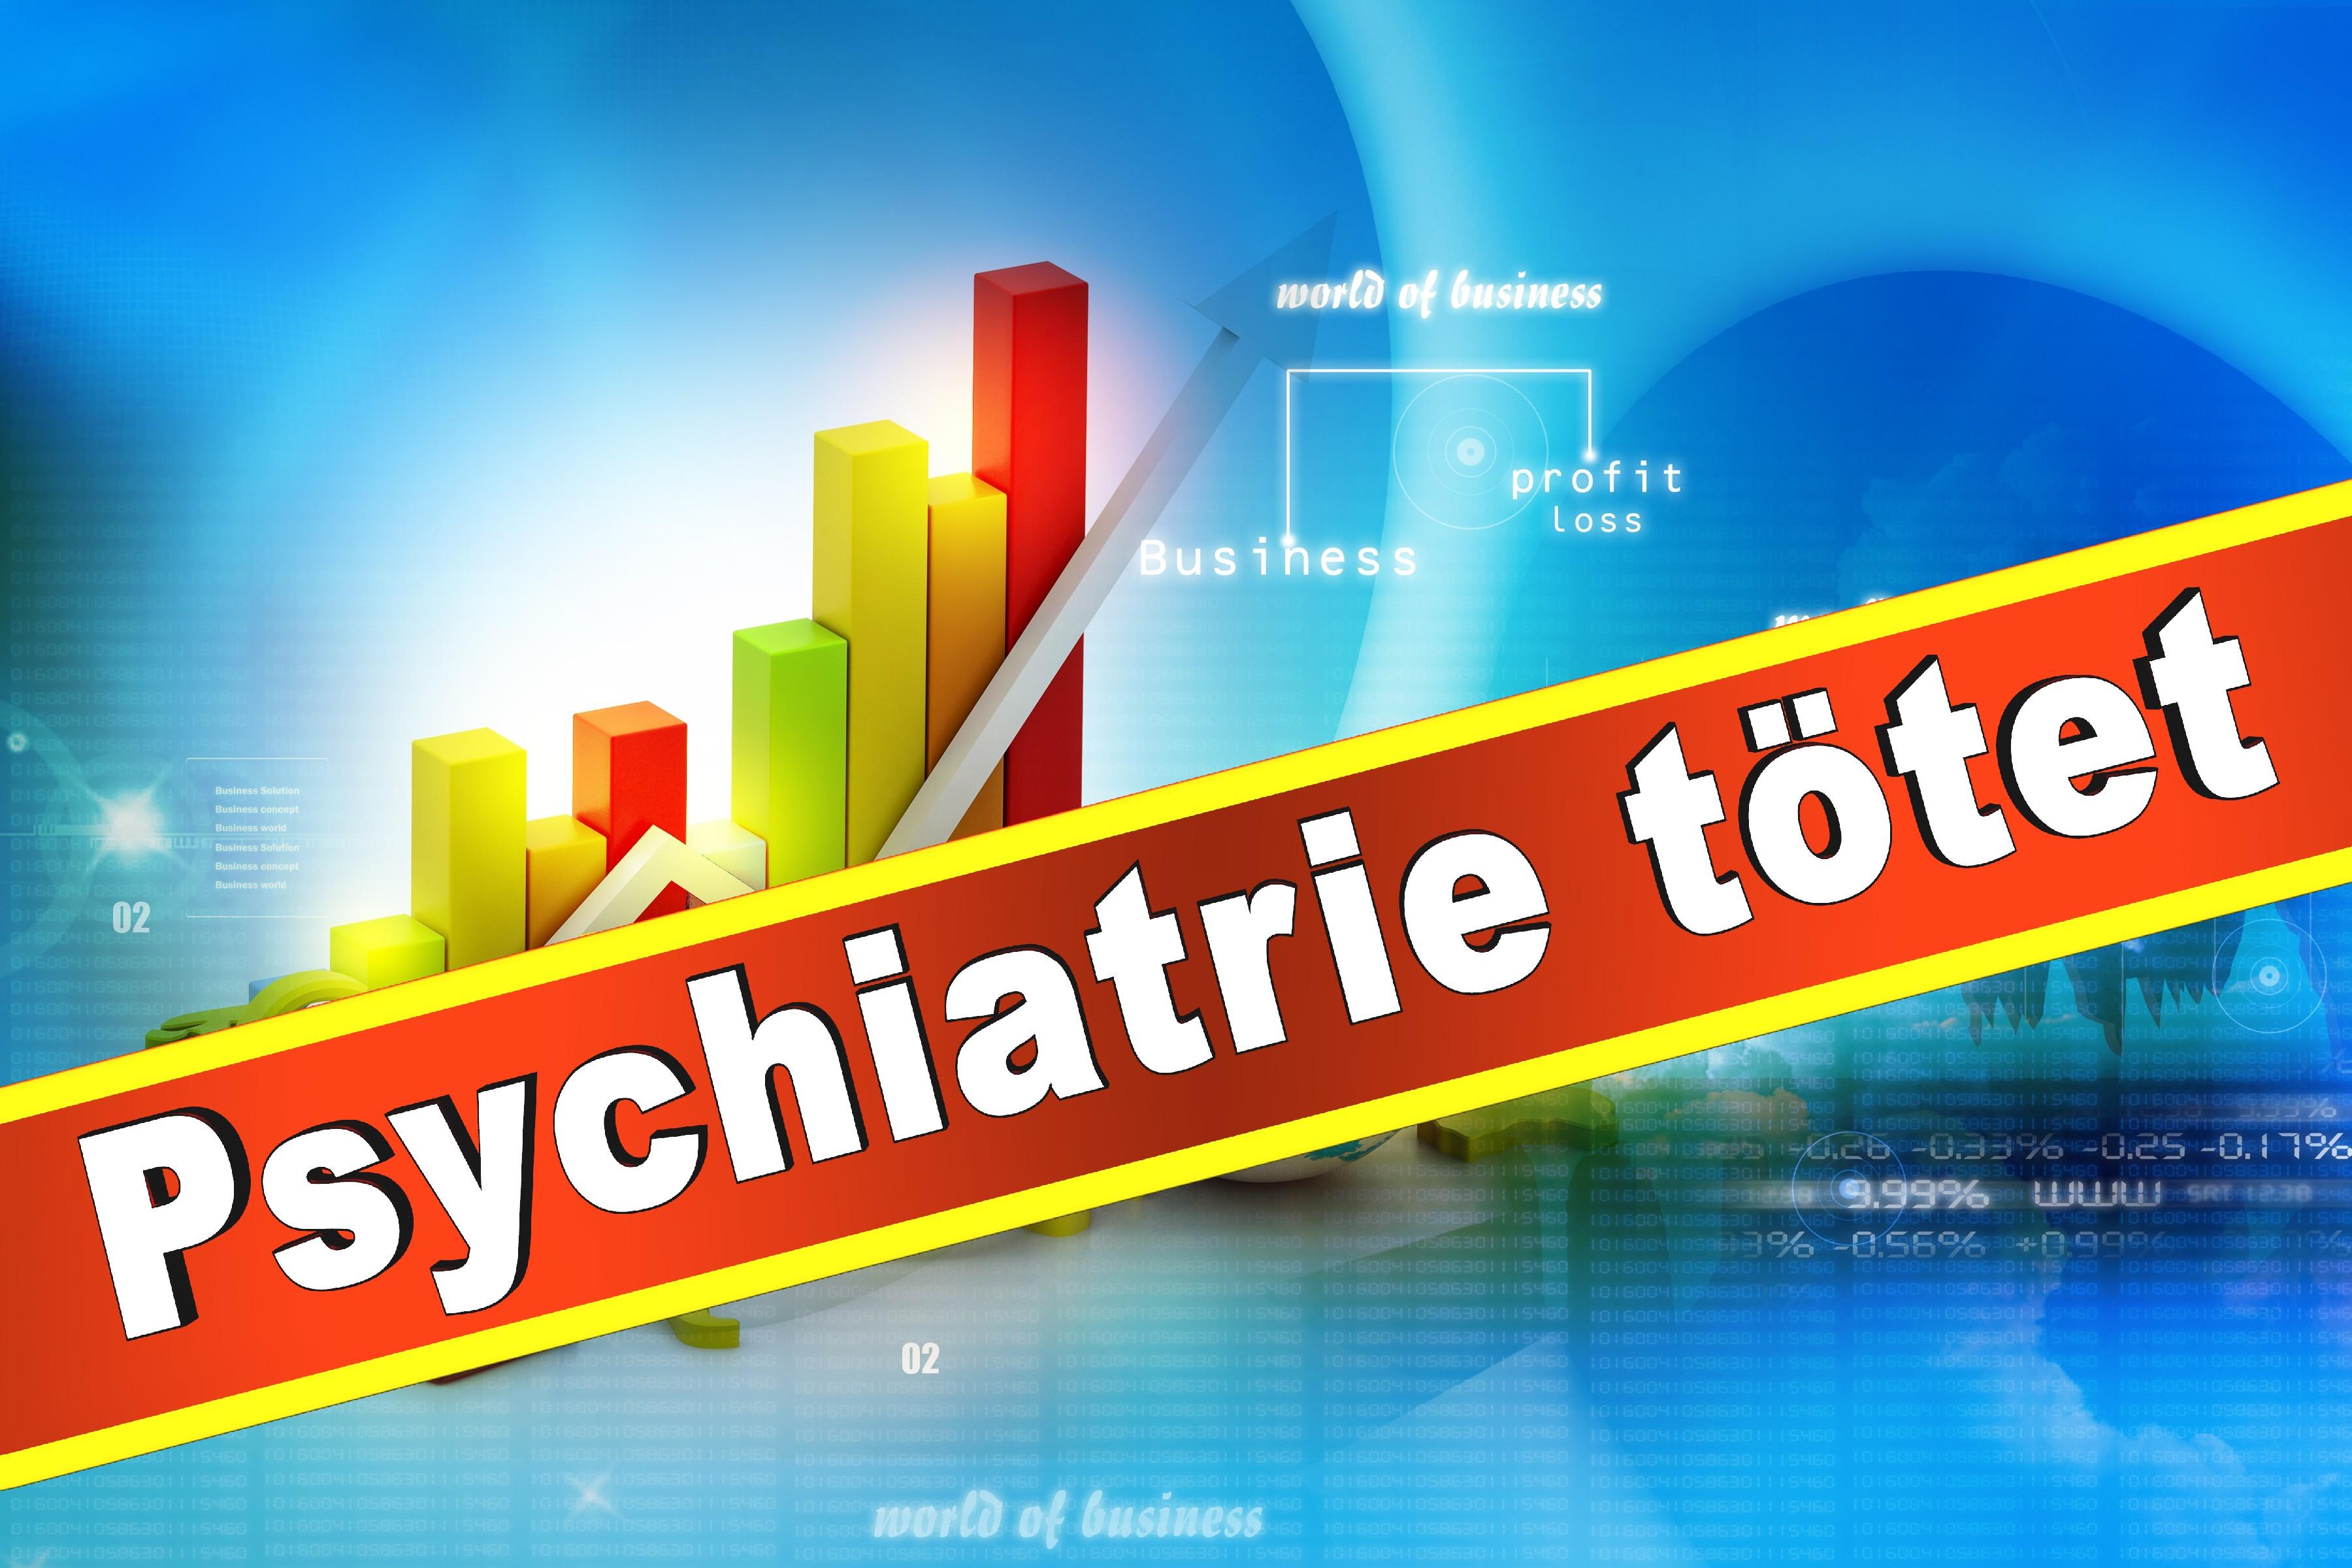 Wielant Machleidt Psychiater Psychotherapeut Professor Praxis Der Interkulturellen Psychiatrie Und Psychotherapie Medizinische Hochschule Hannover Klinik Für Psychiatrie Sozialpsychiatrie (12)